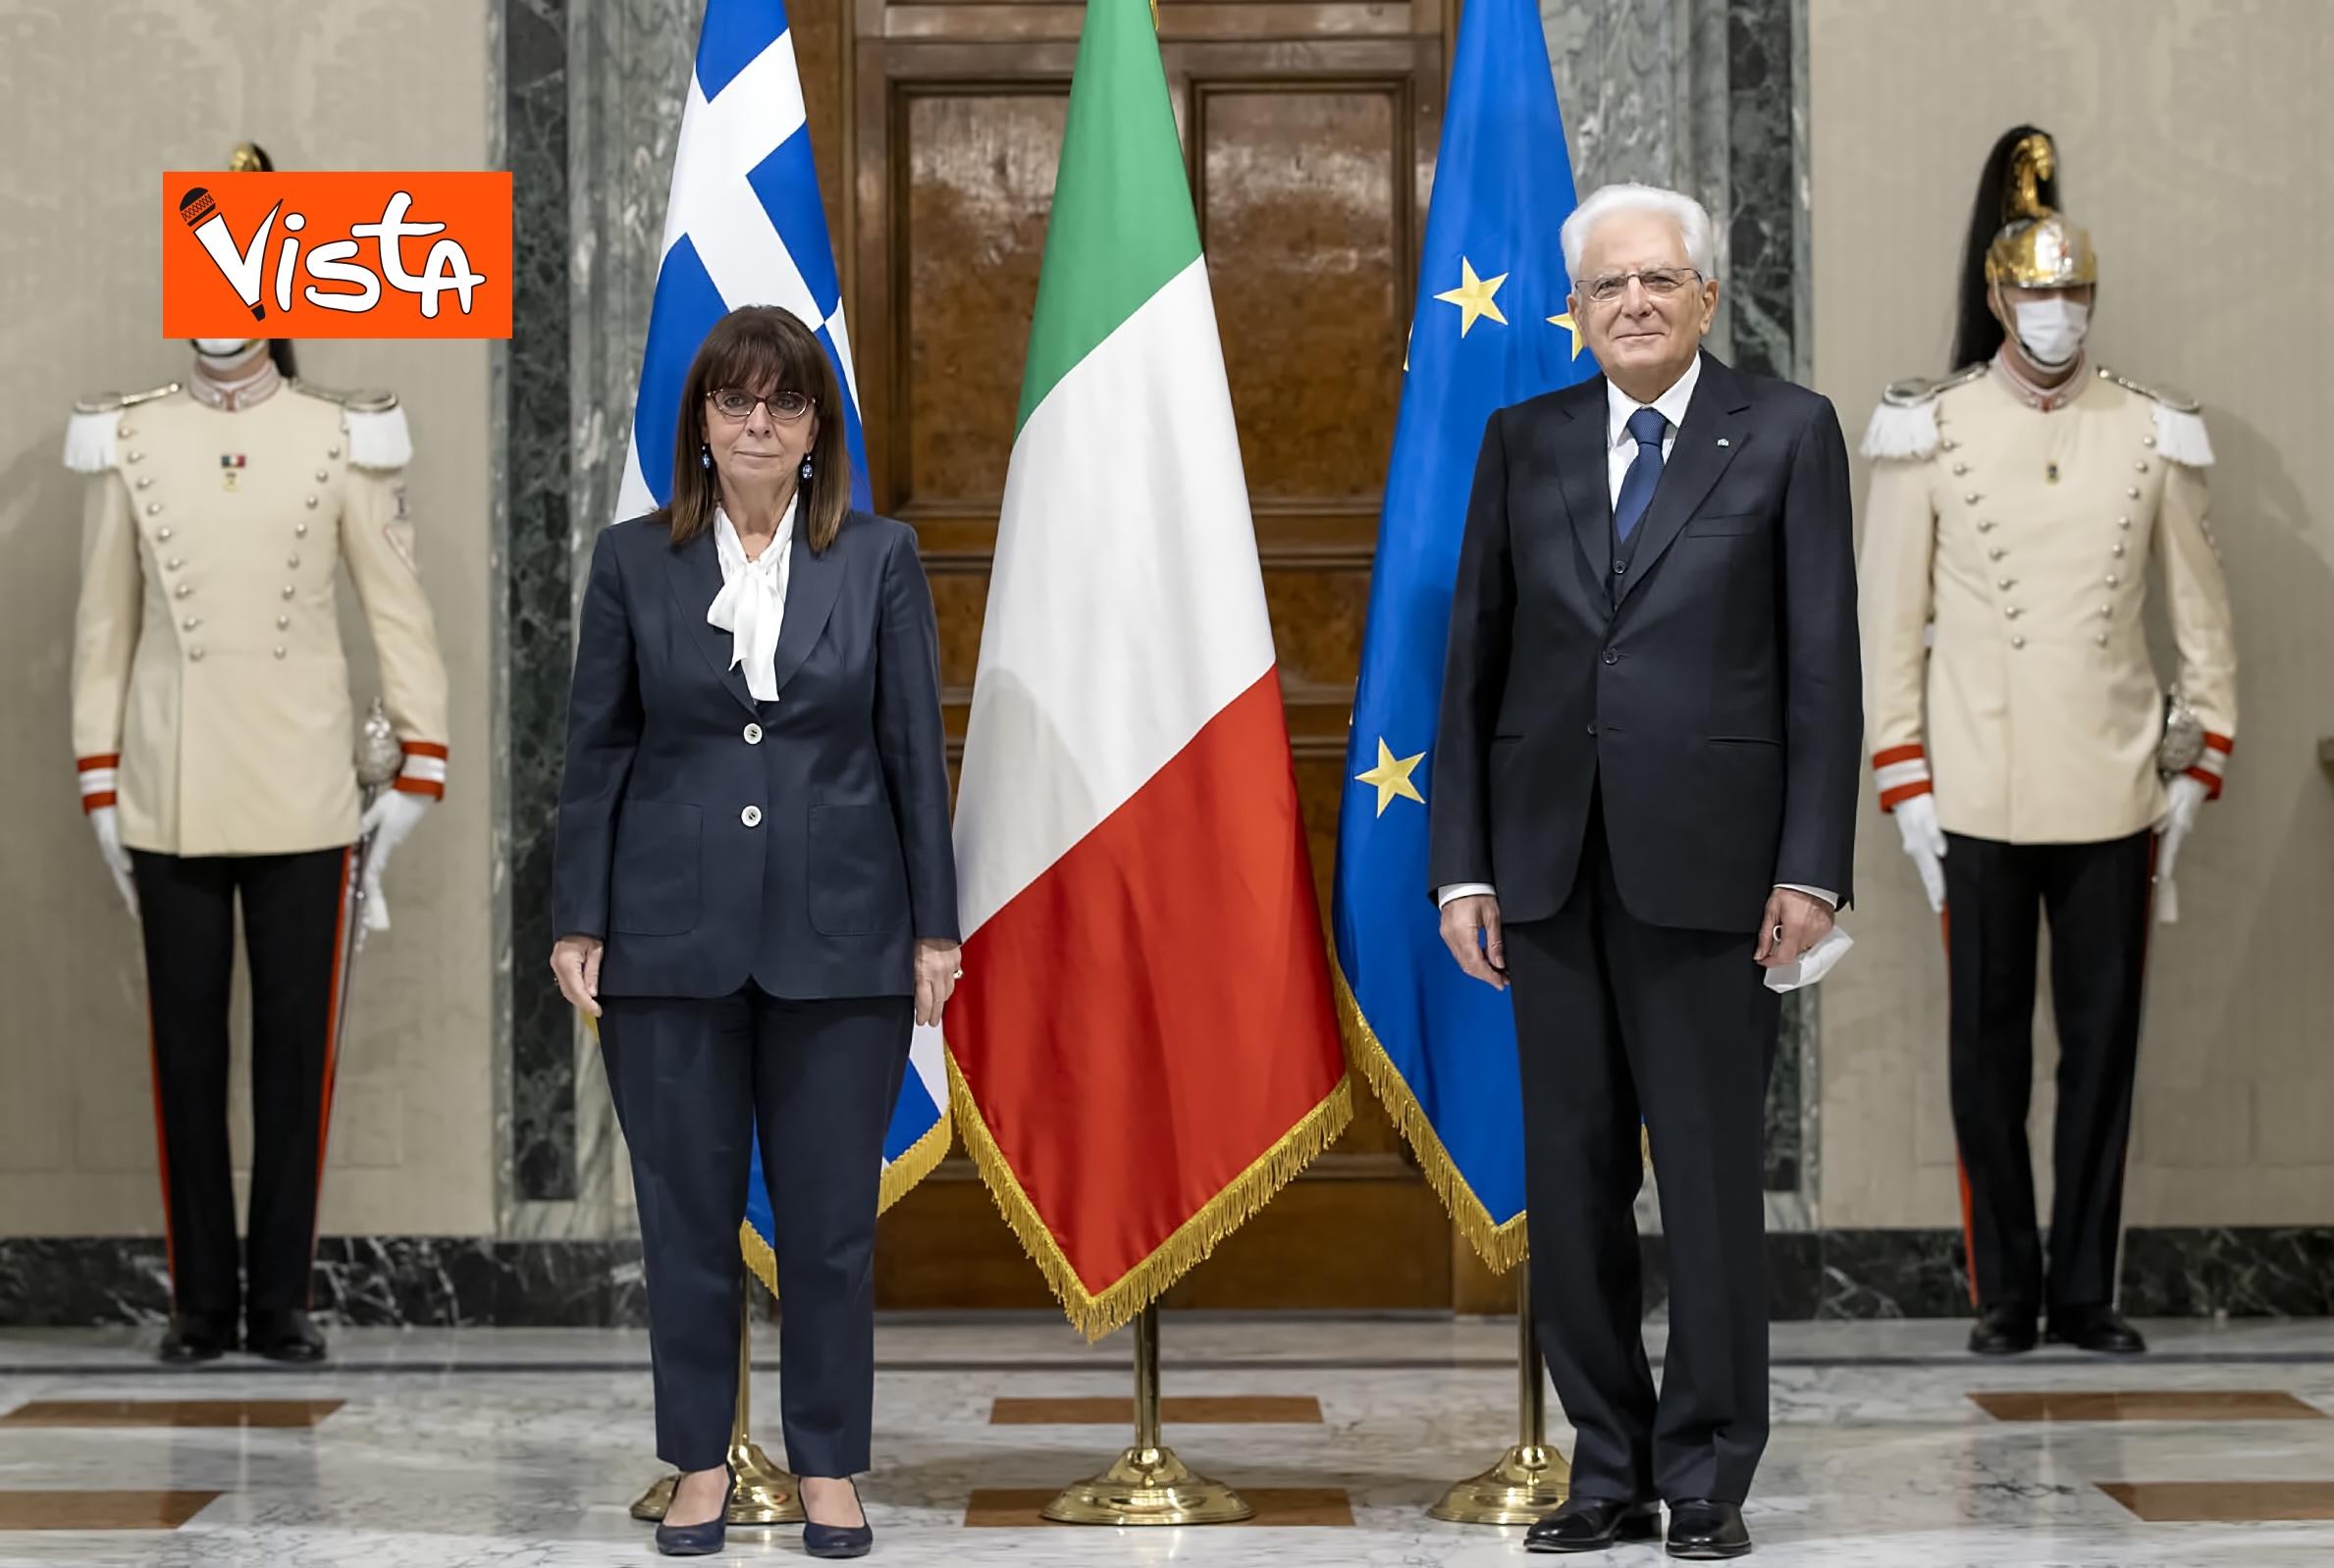 09-10-20 Mattarella riceve la Presidente della Repubblica Ellenica Sakellaropoulou, le immagini_08